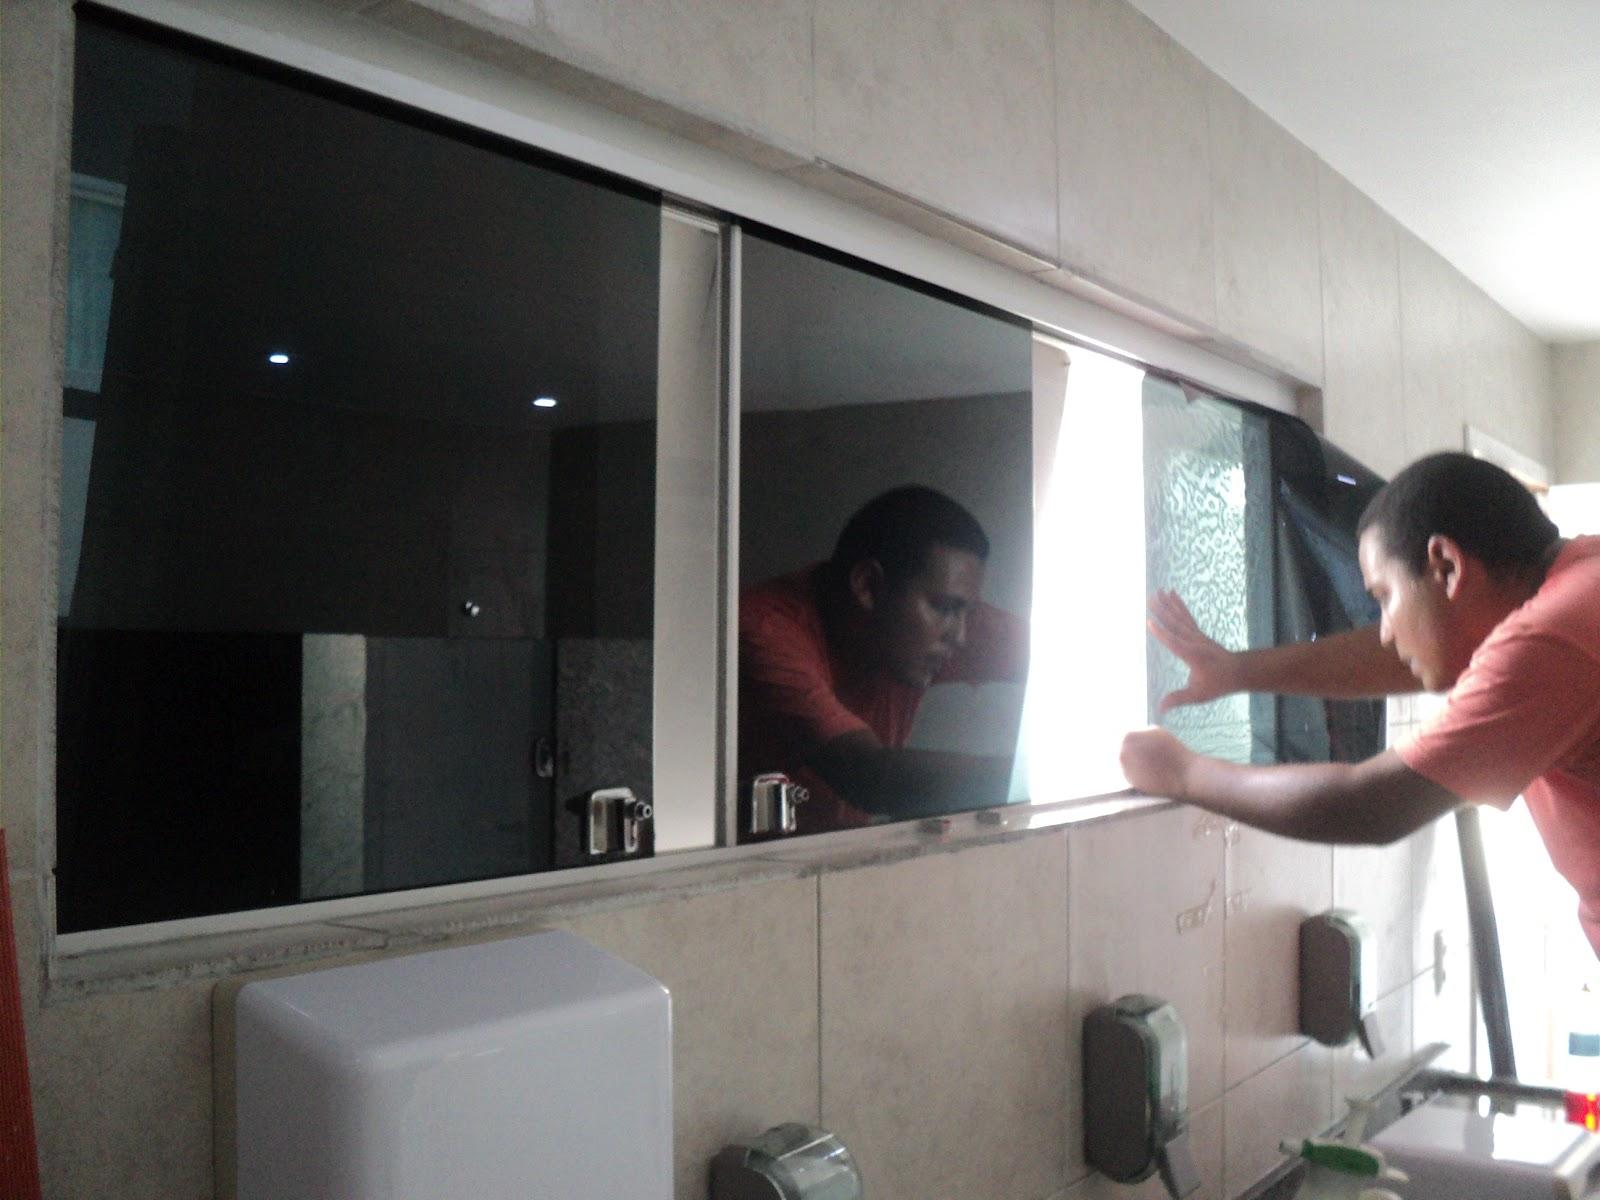 de película em janelas e porta em empresa no bairro de Campo Grande  #69413E 1600x1200 Banheiro Com Janela Grande